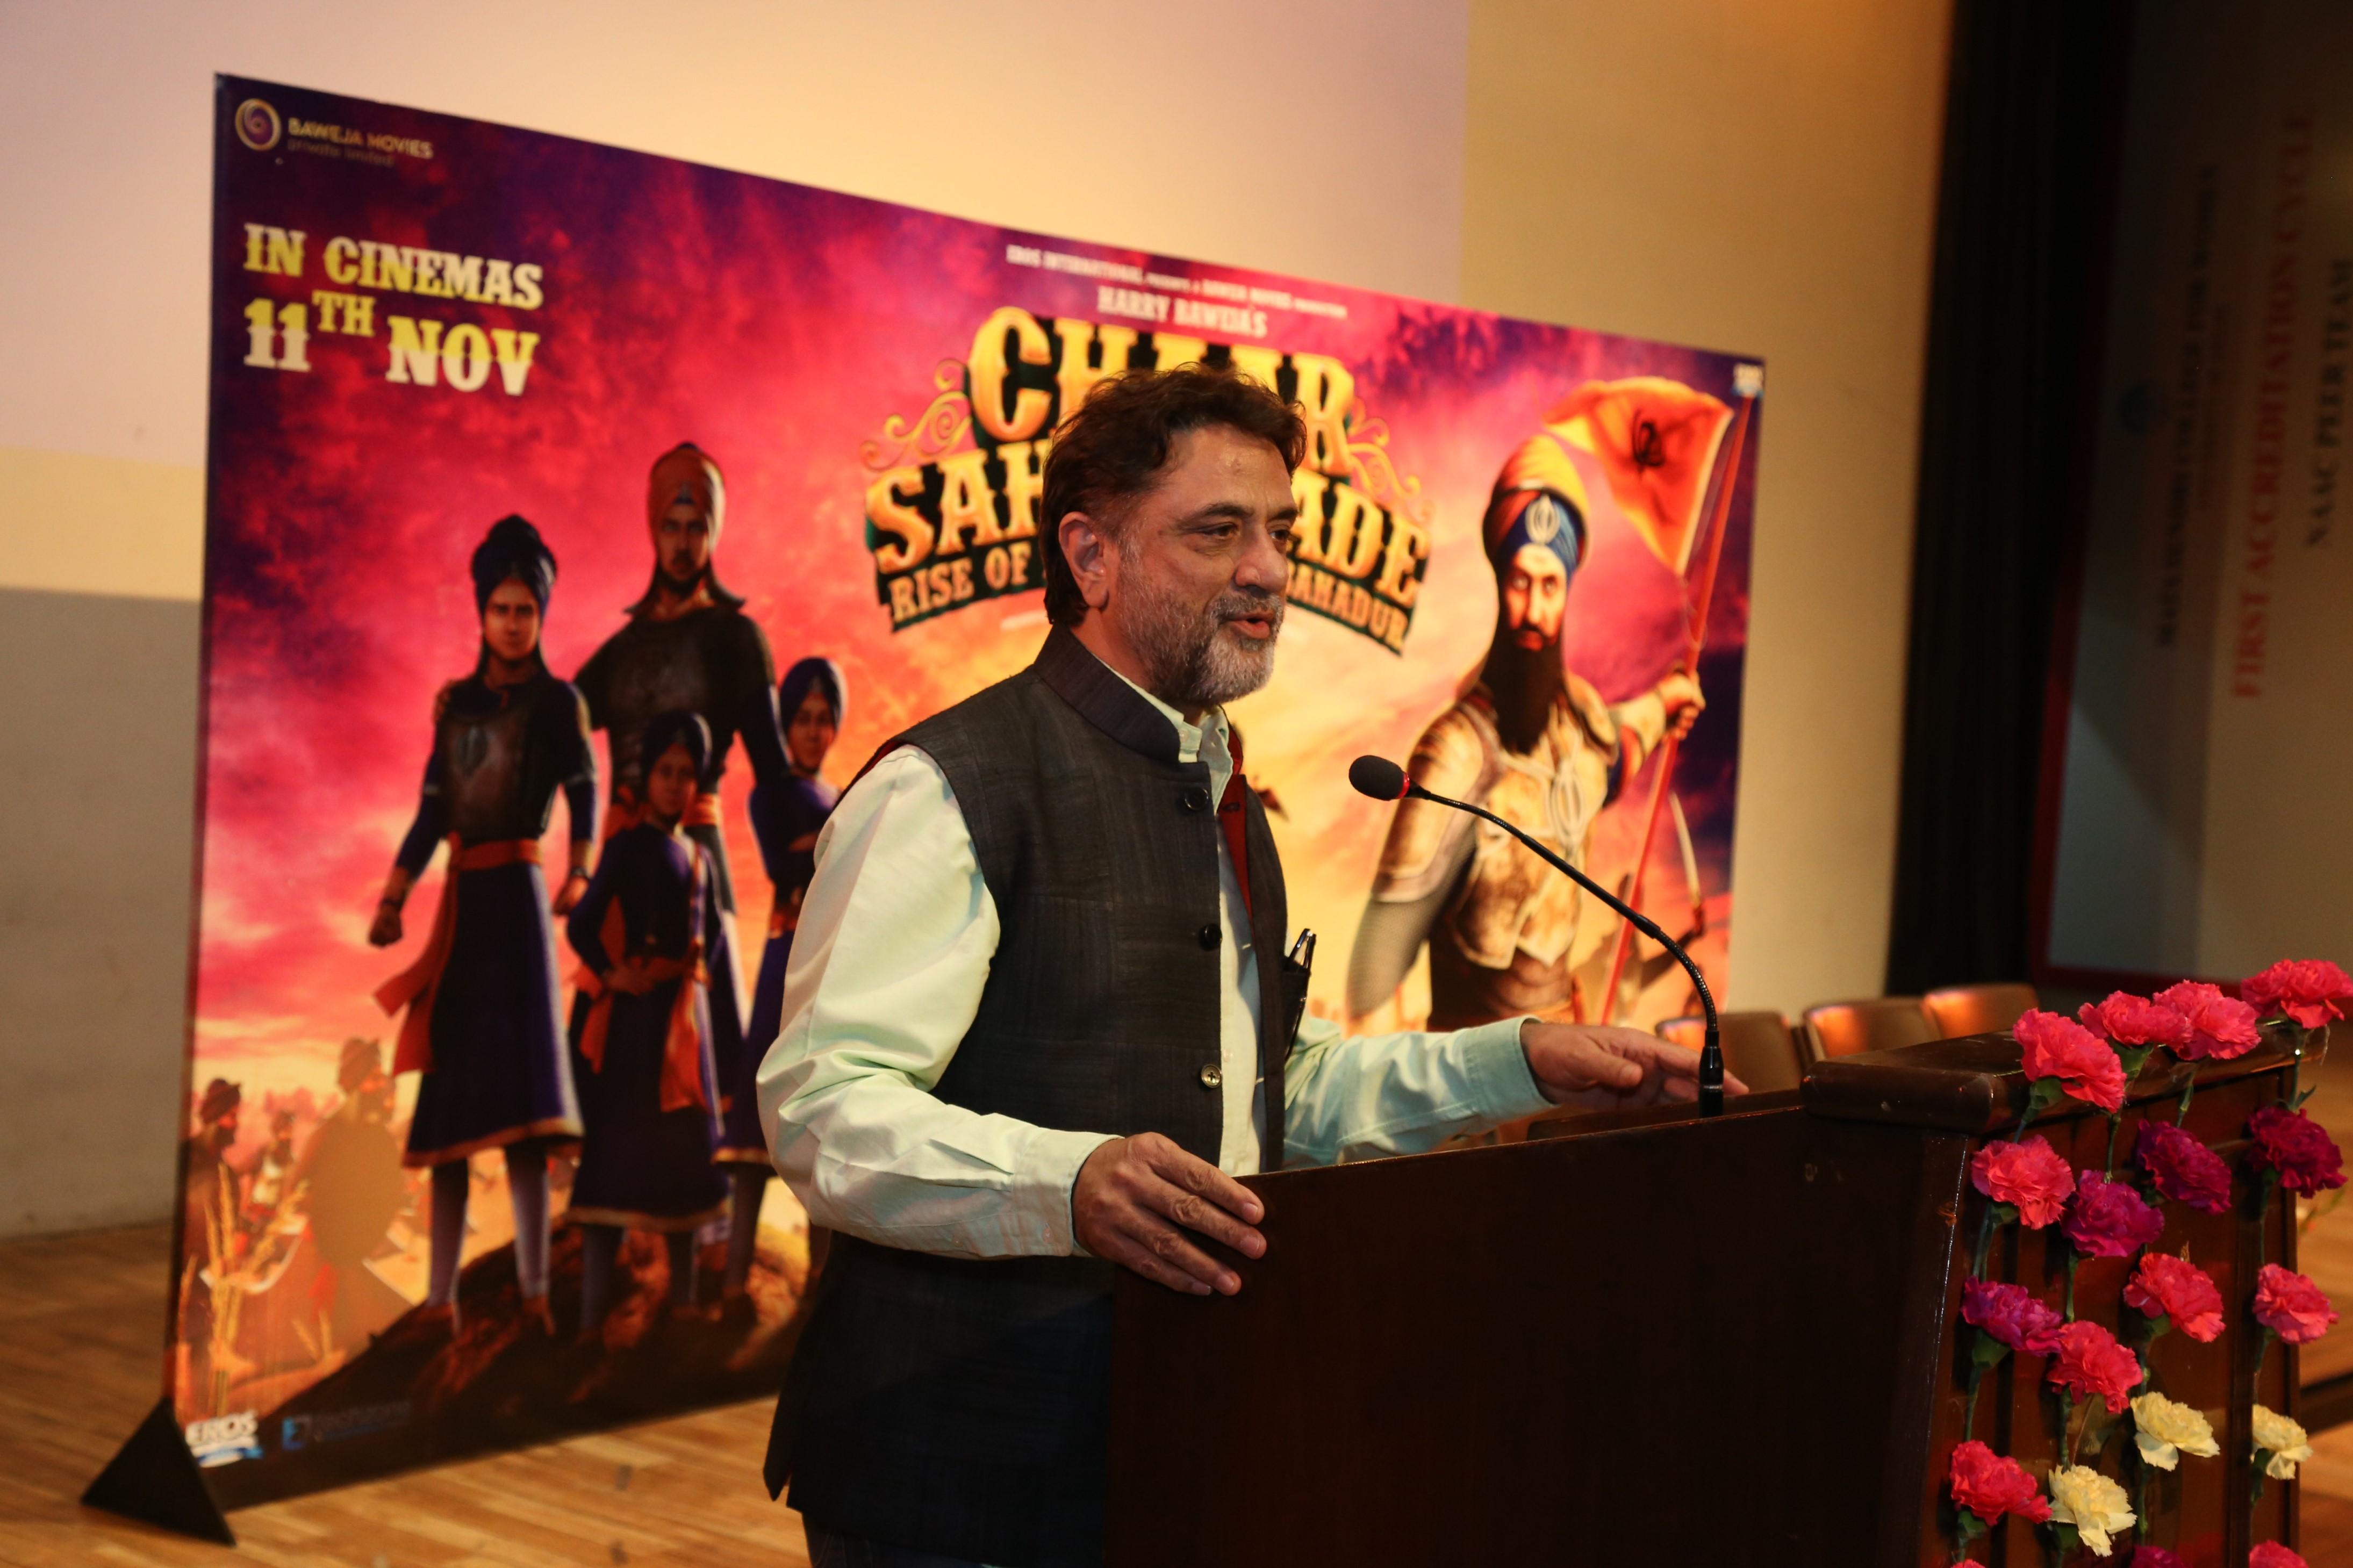 Harry Baweja Chaar Sahibzaade 2 - Rise of Banda Singh Bahadur